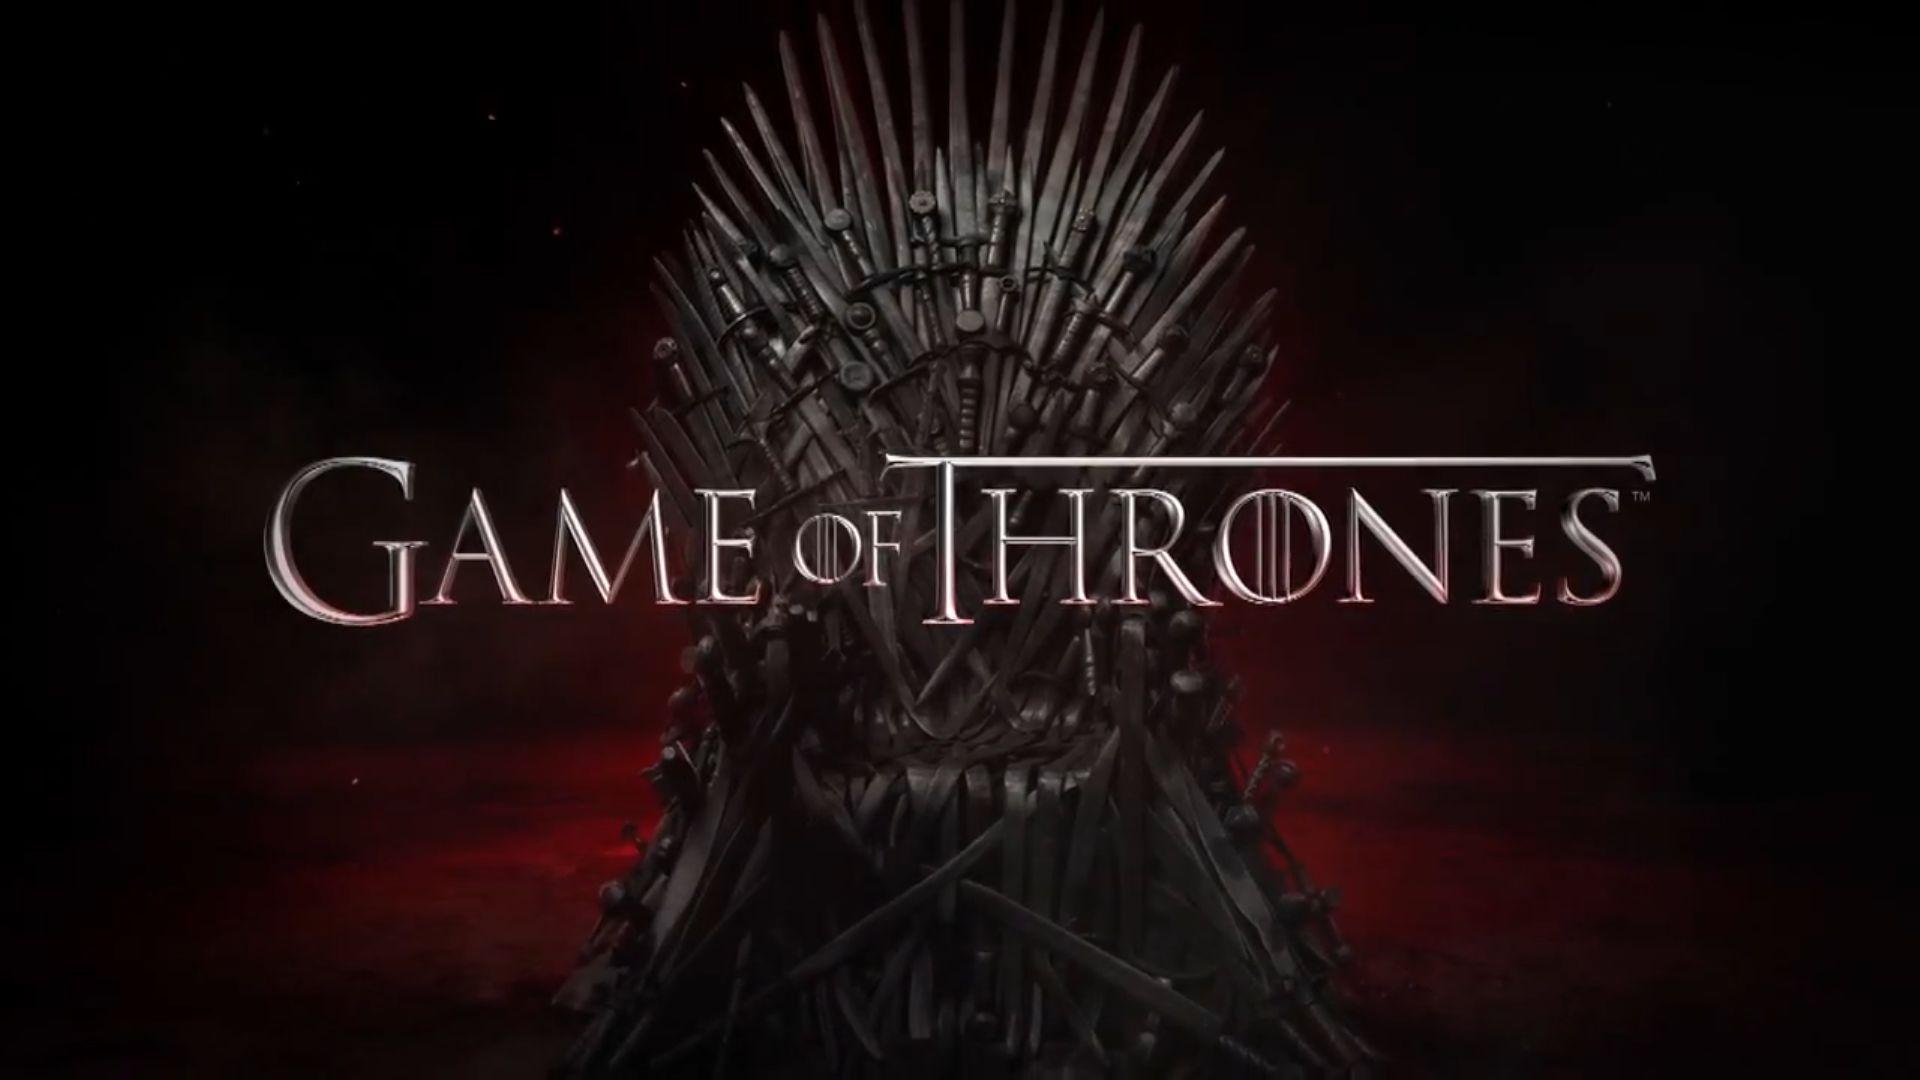 El teaser de la sexta temporada de Game of Thrones que nos deja el corazón partido